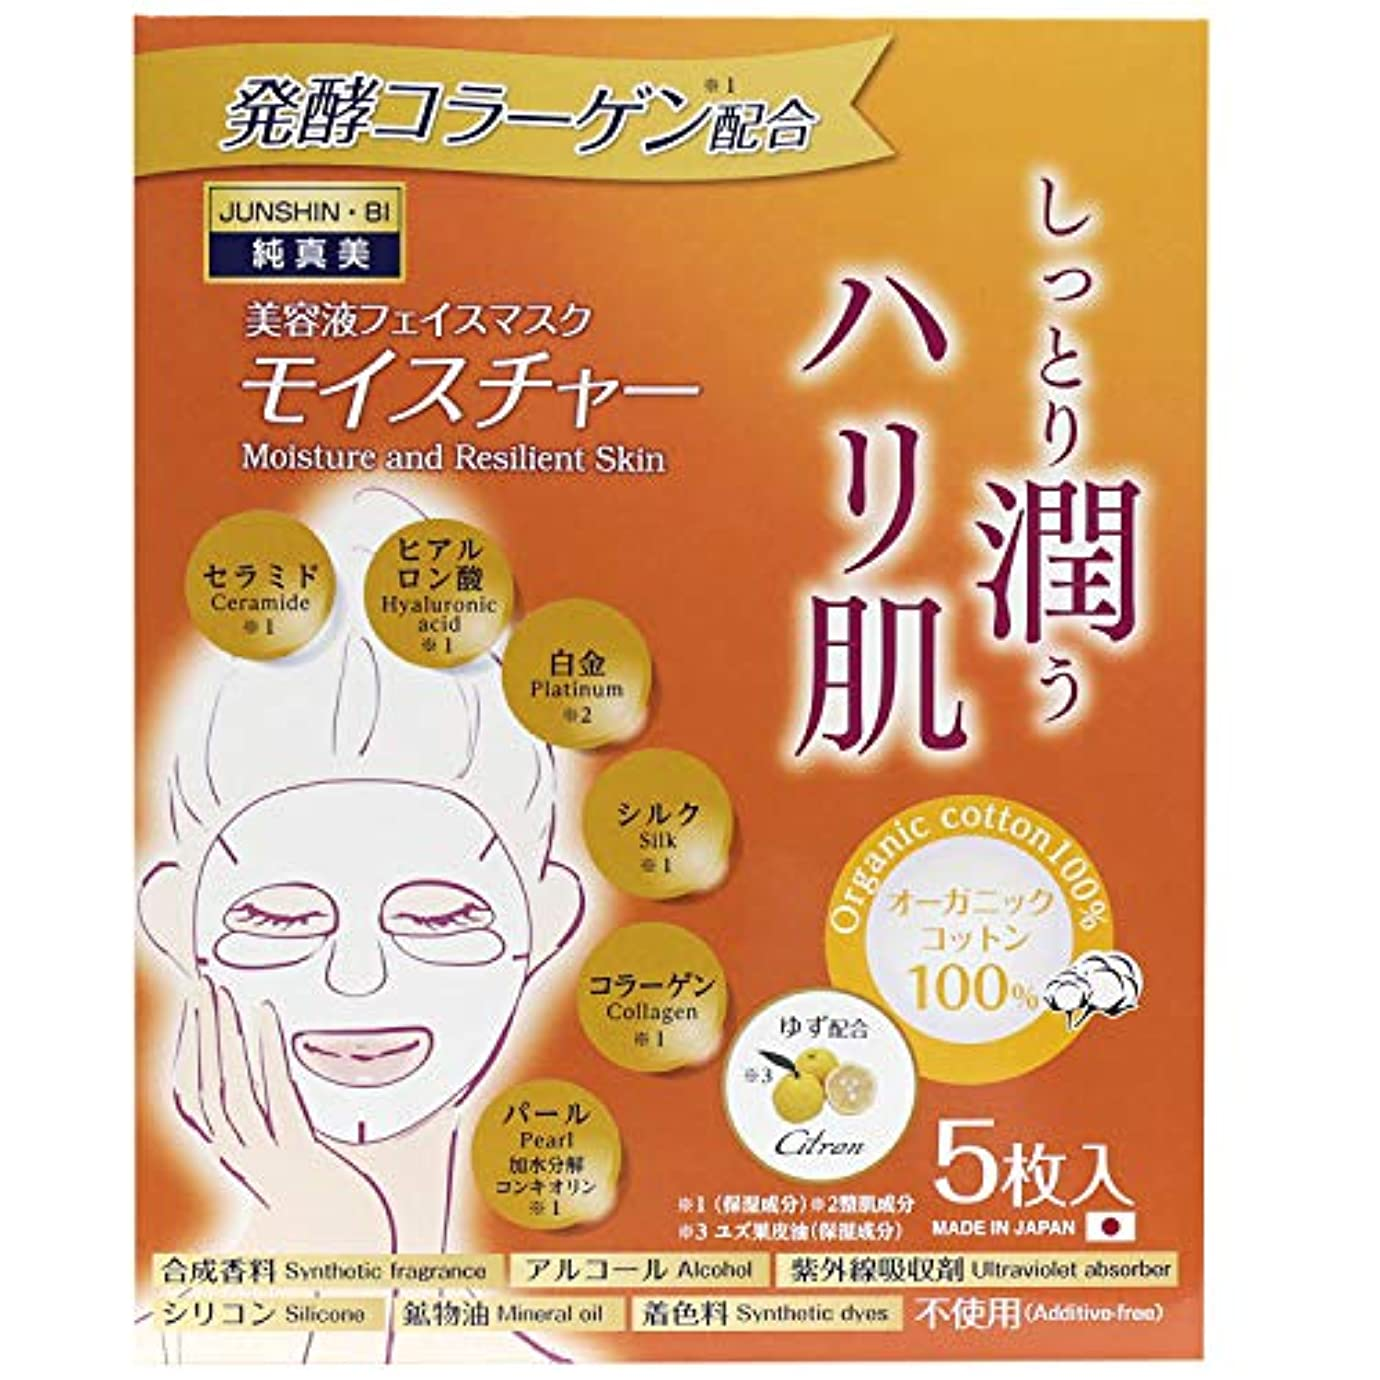 タップ鷹機関Junshin Bi 発酵コラーゲン 美容液 マスク (モイスチャー)